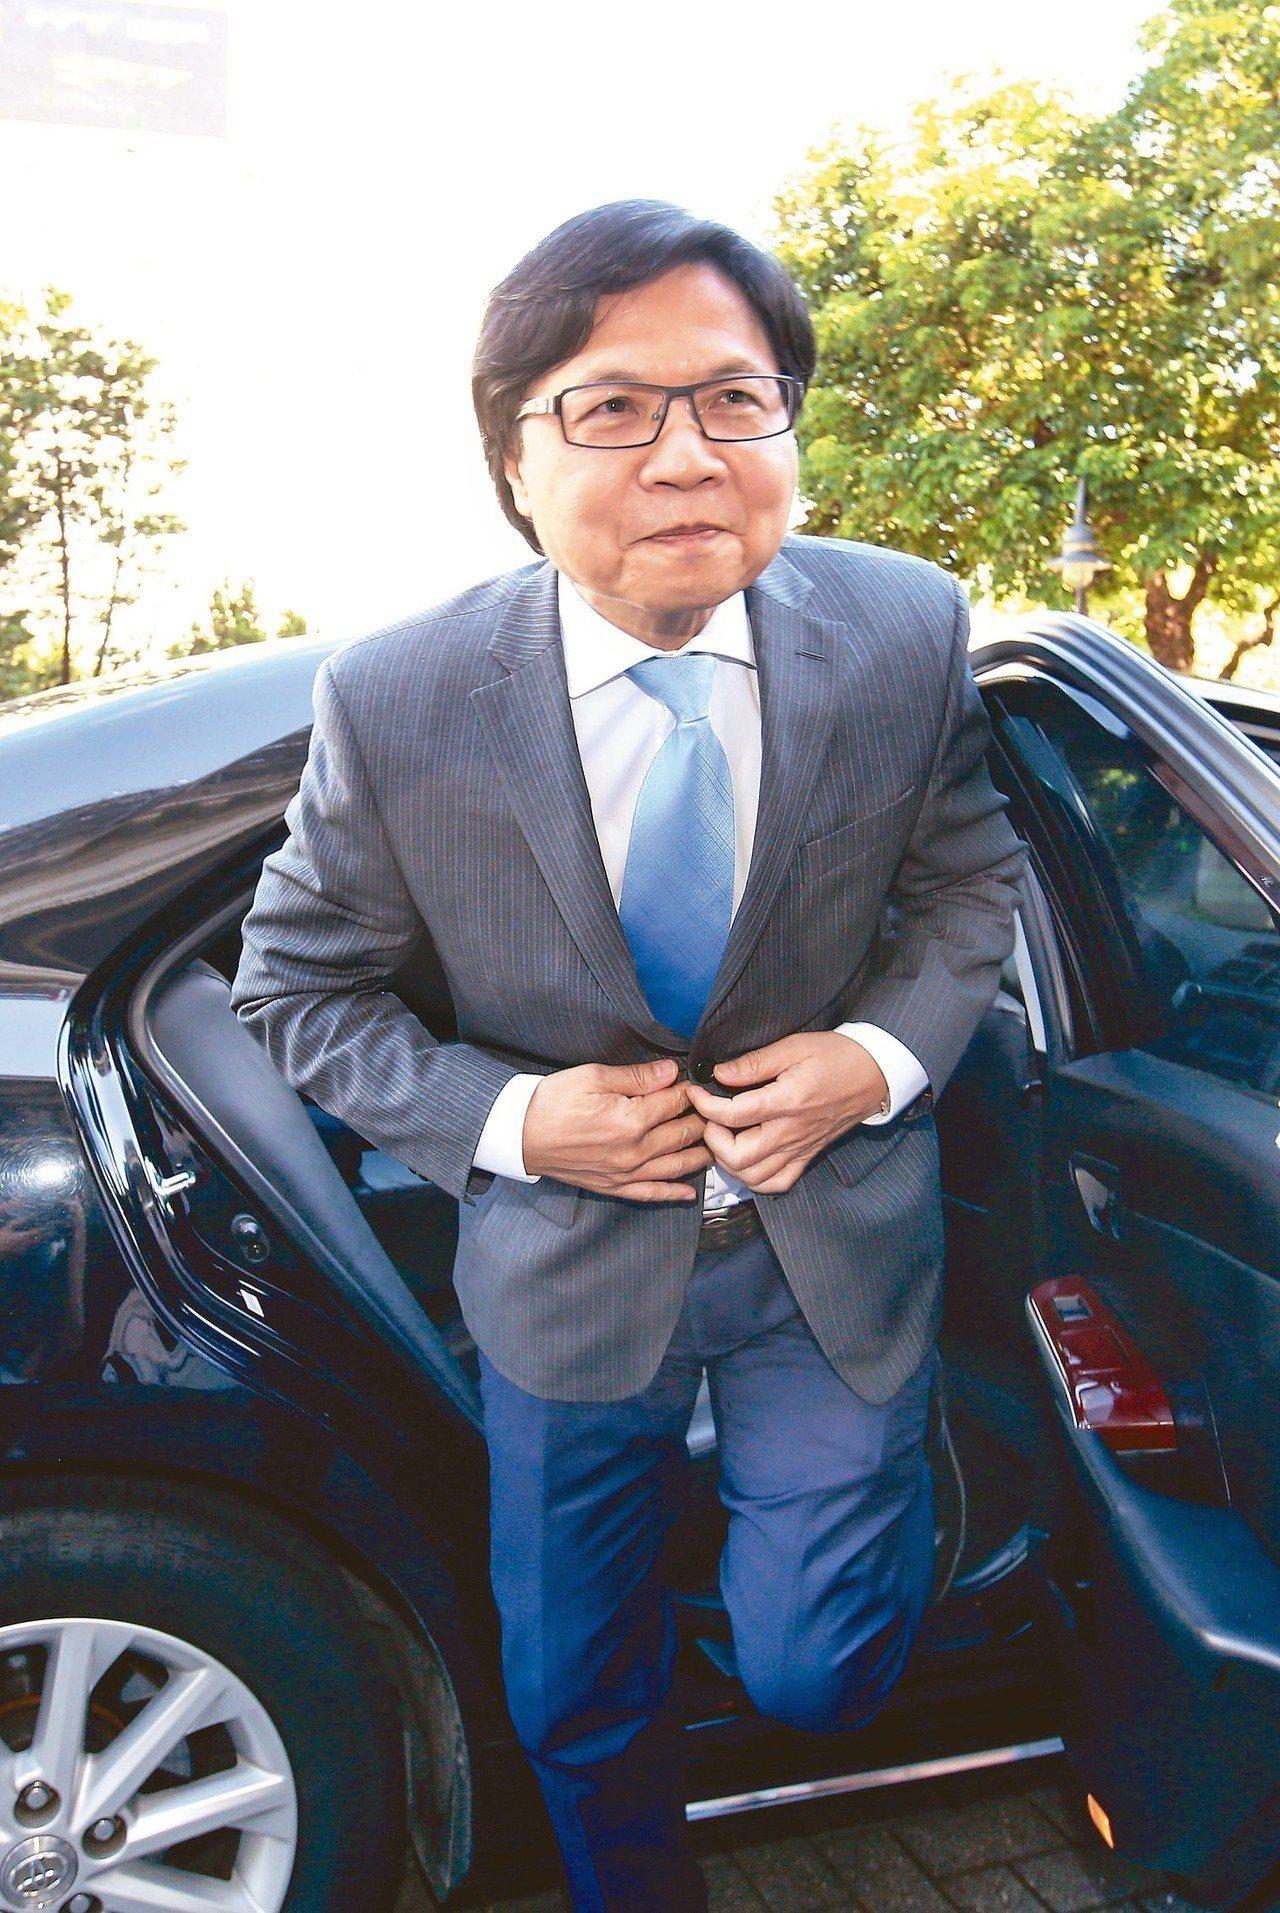 教育部長葉俊榮上午赴監察院接受約詢,下車時面對提問不發一語。 記者陳柏亨/攝影